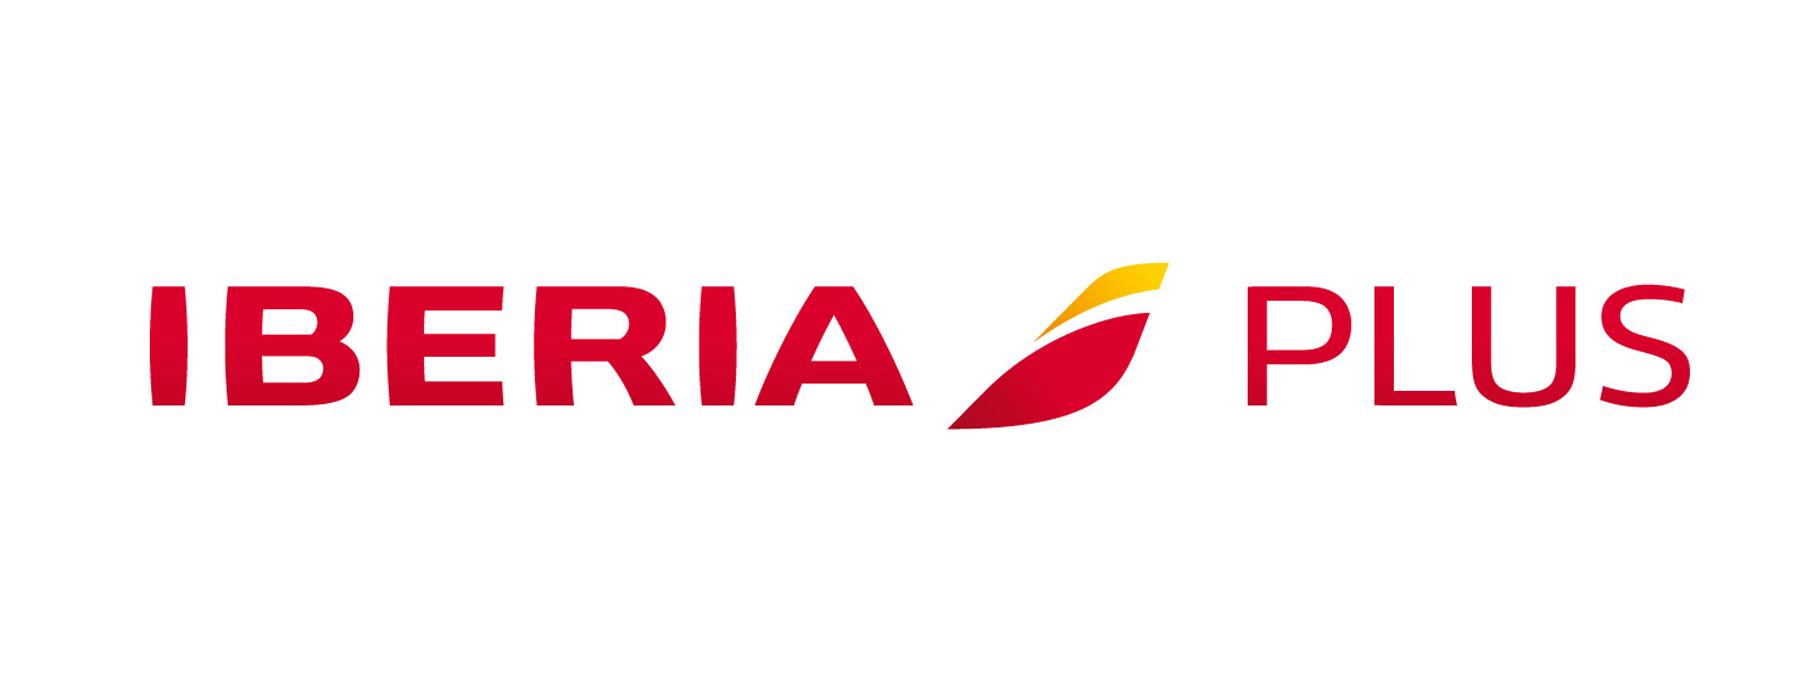 Qué beneficios de Iberia Plus obtengo al volar con Vueling